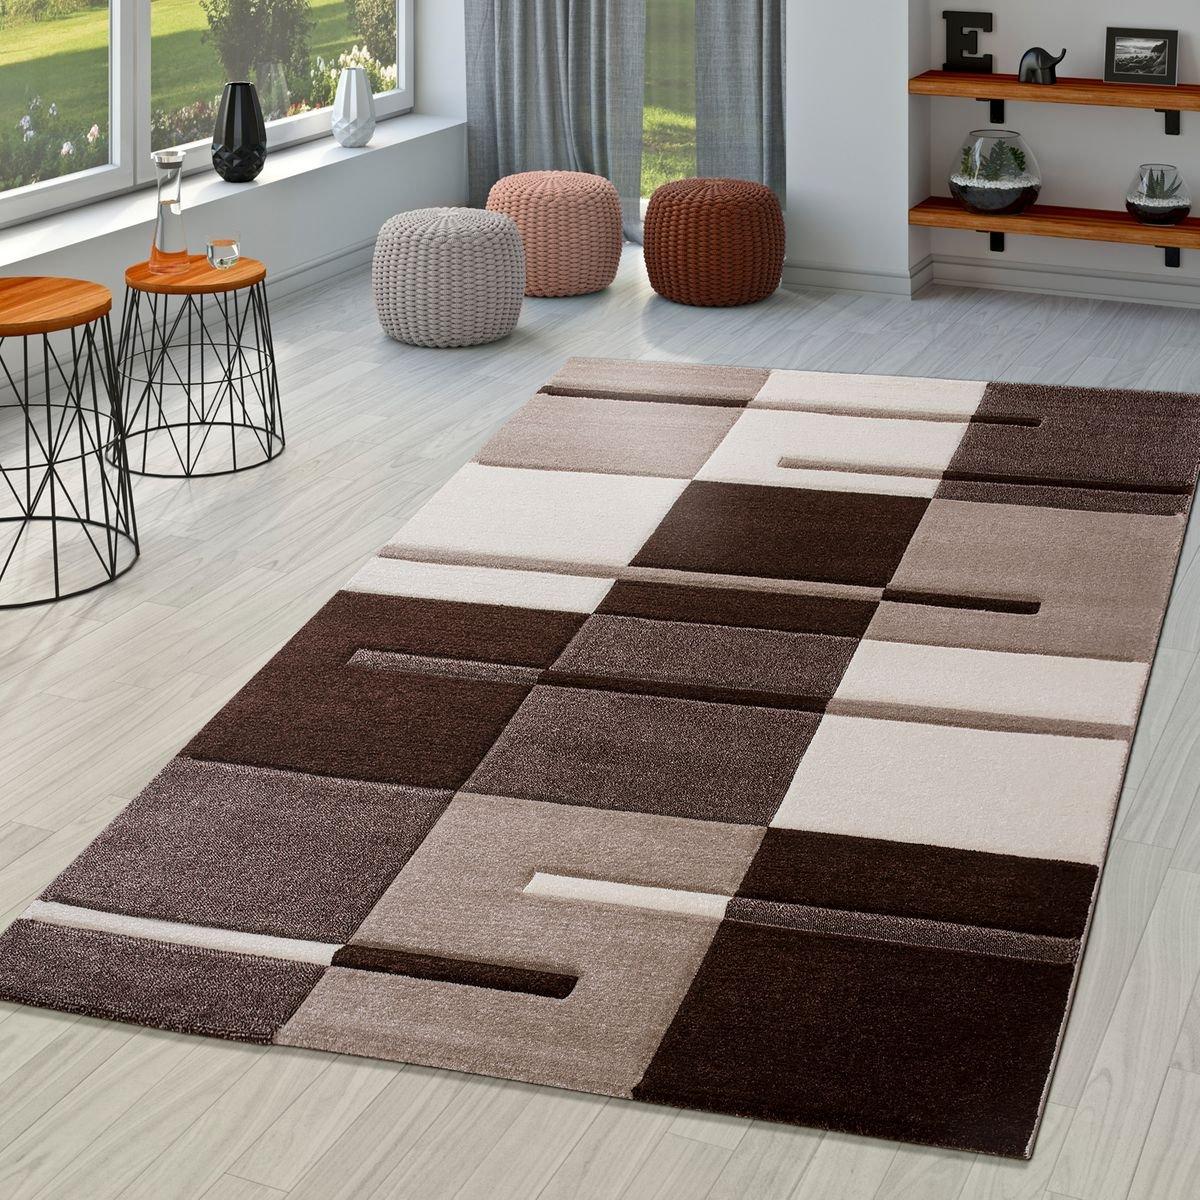 T&T Design Moderner Wohnzimmer Teppich Braun Beige Creme Karo Muster mit Konturenschnitt, Größe:120x170 cm